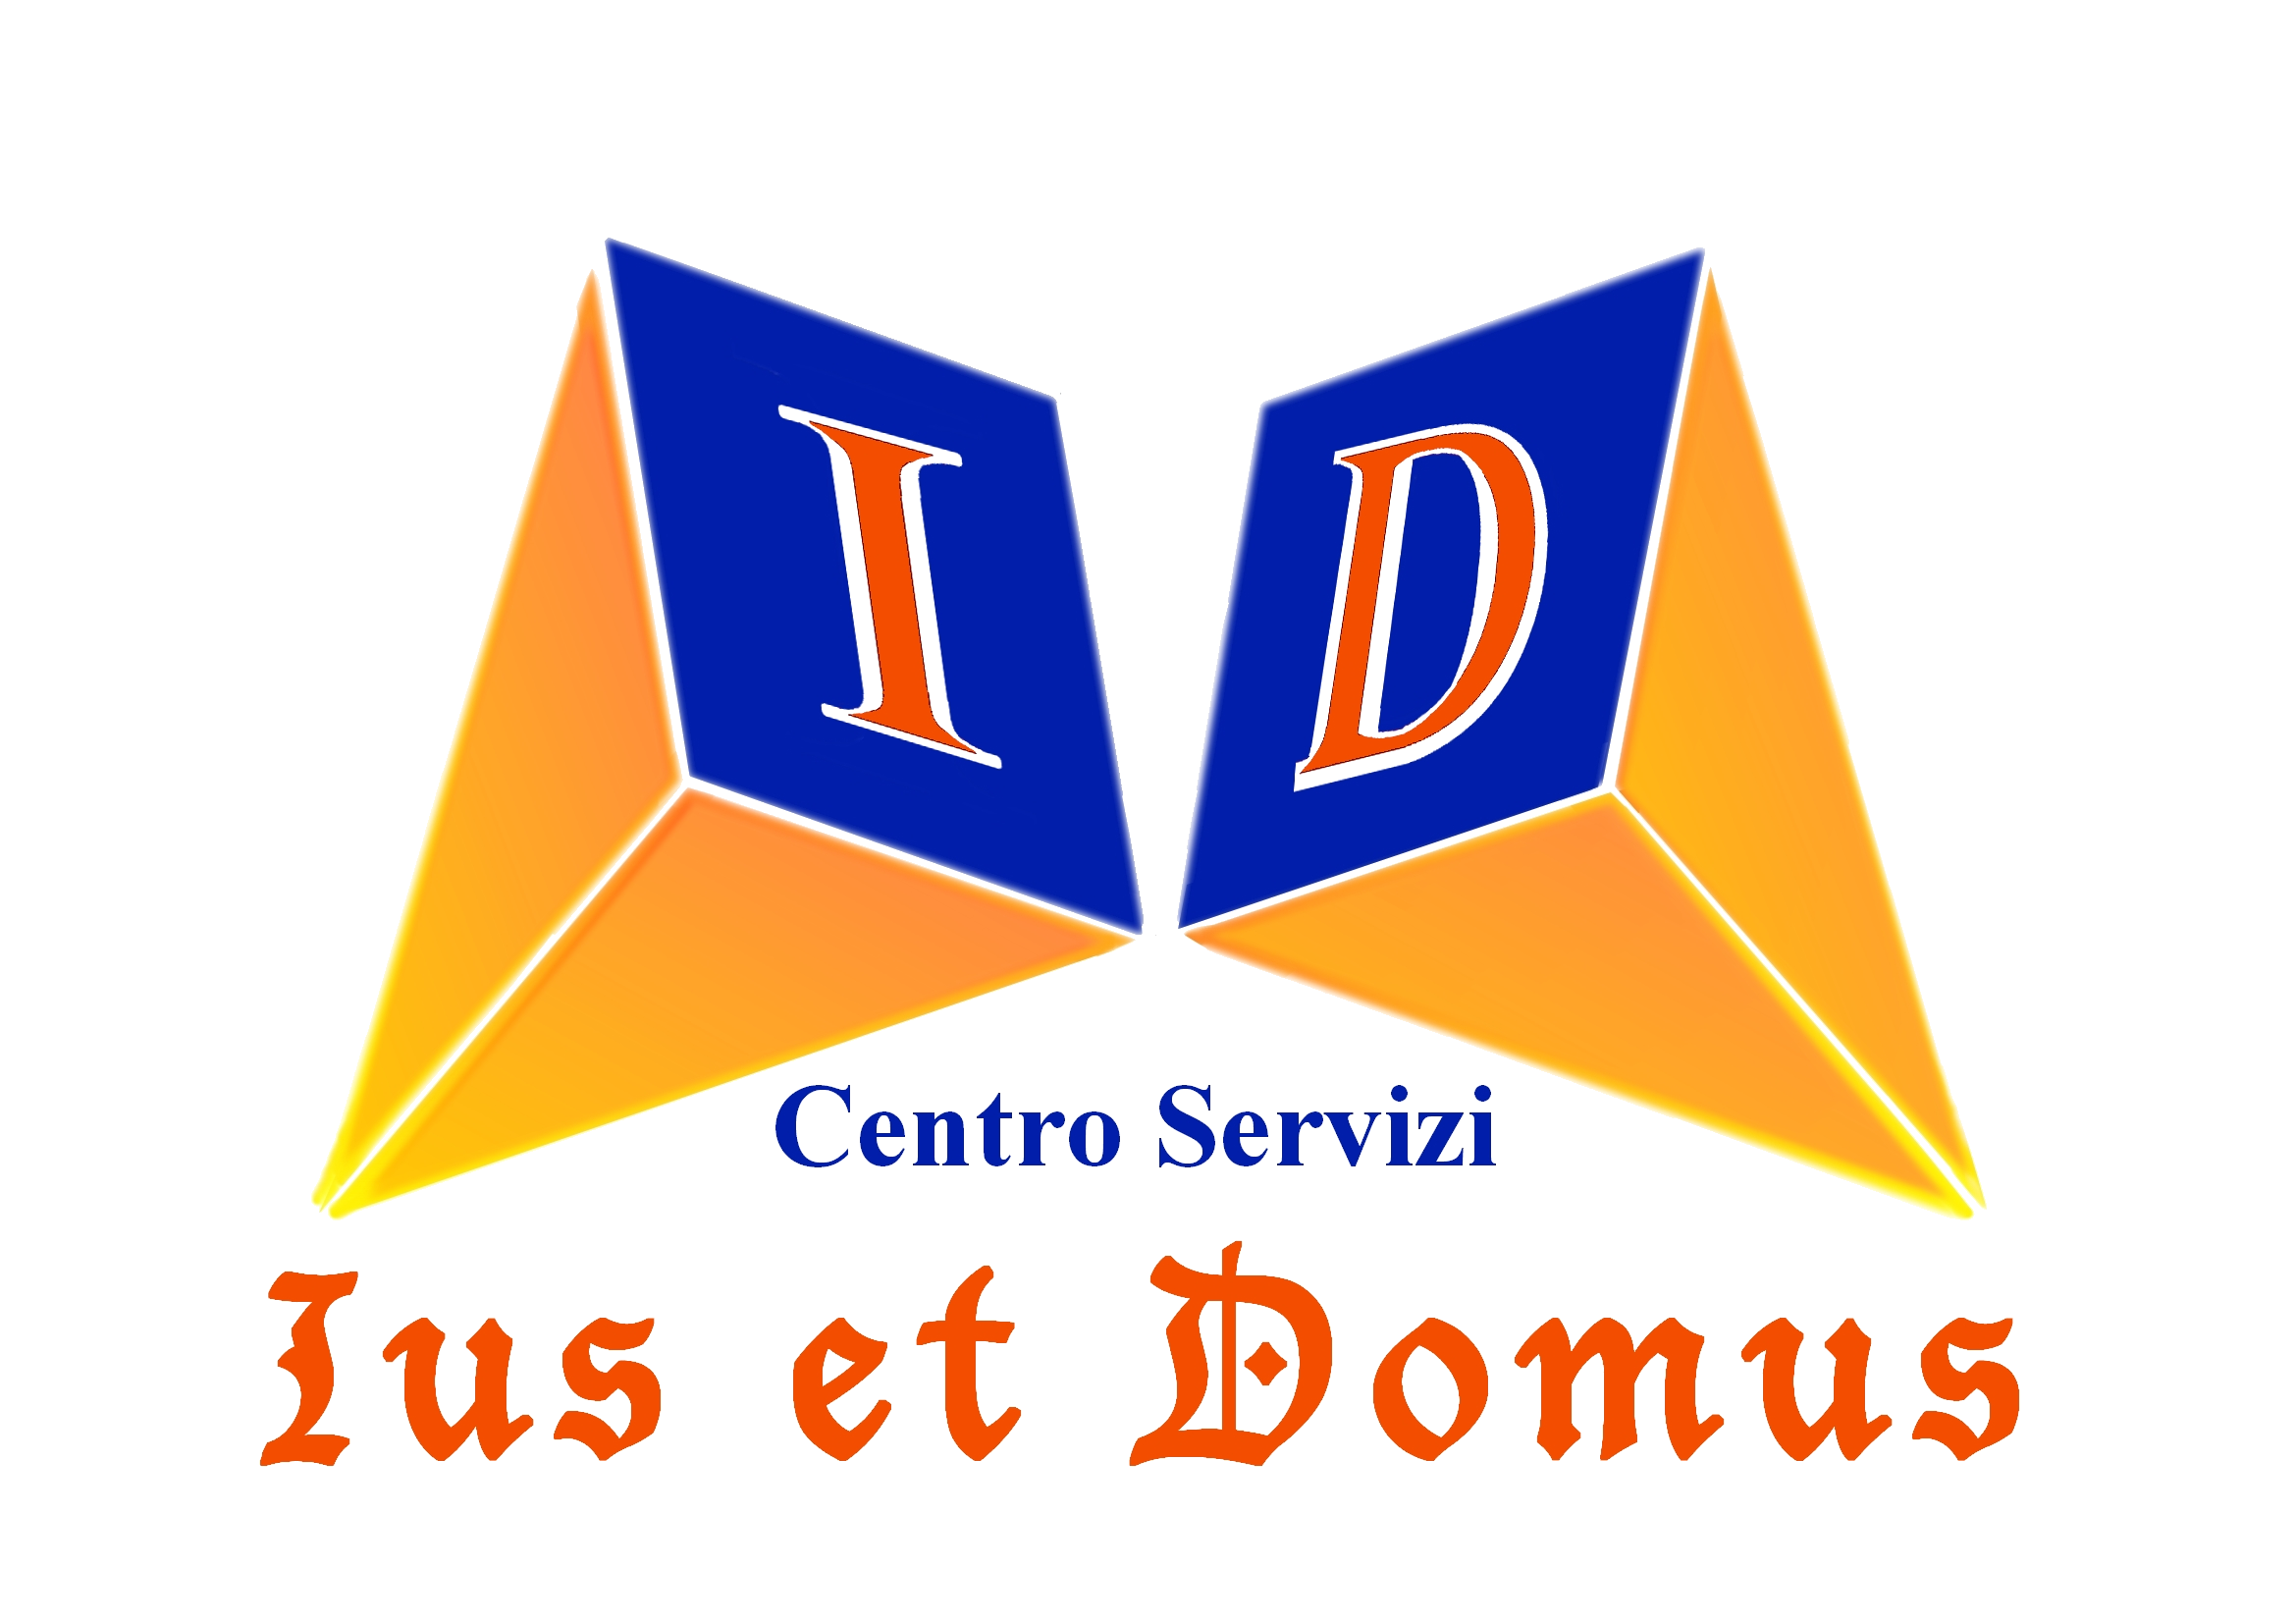 Ius et Domus - Centro Servizi Legali e Professionali